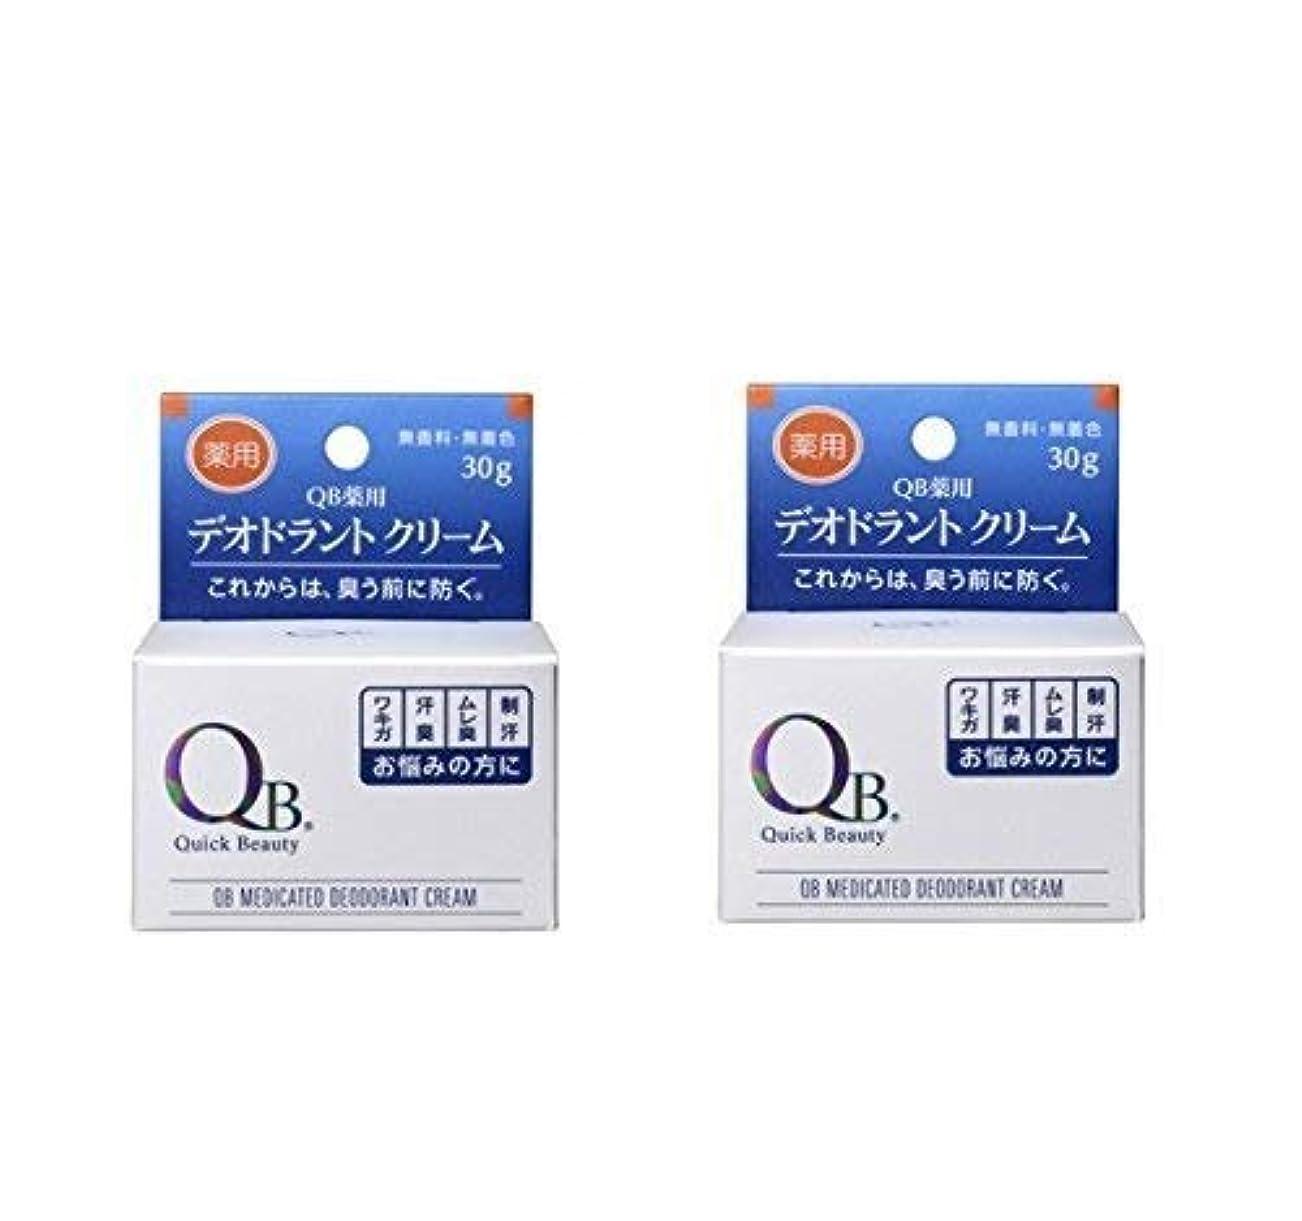 人気の赤外線主観的リベルタ QB 薬用 デオドラントクリーム 30g×2個